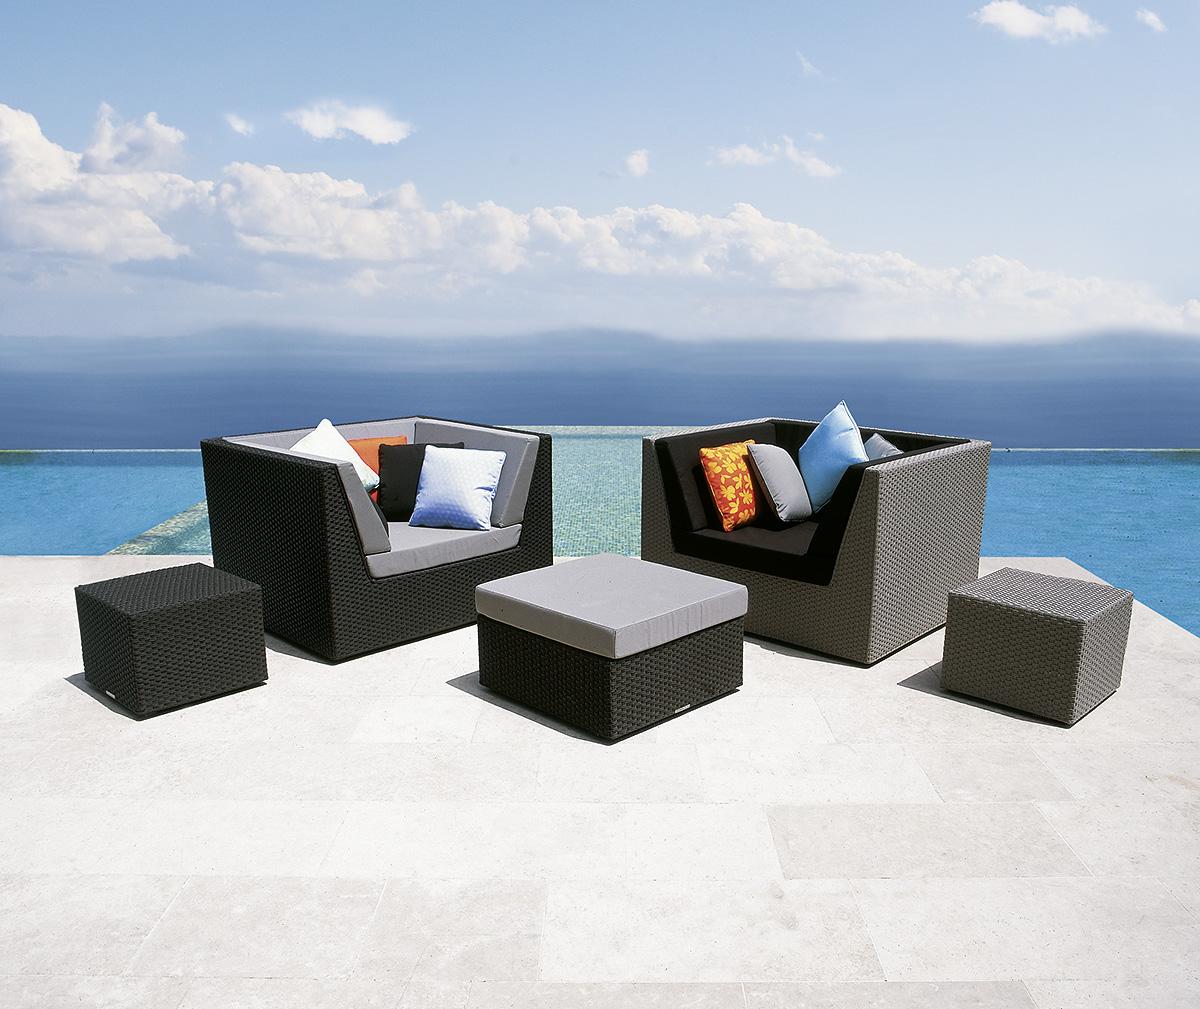 royal botania gartenm bel kaufen einrichtungshaus neum hle. Black Bedroom Furniture Sets. Home Design Ideas